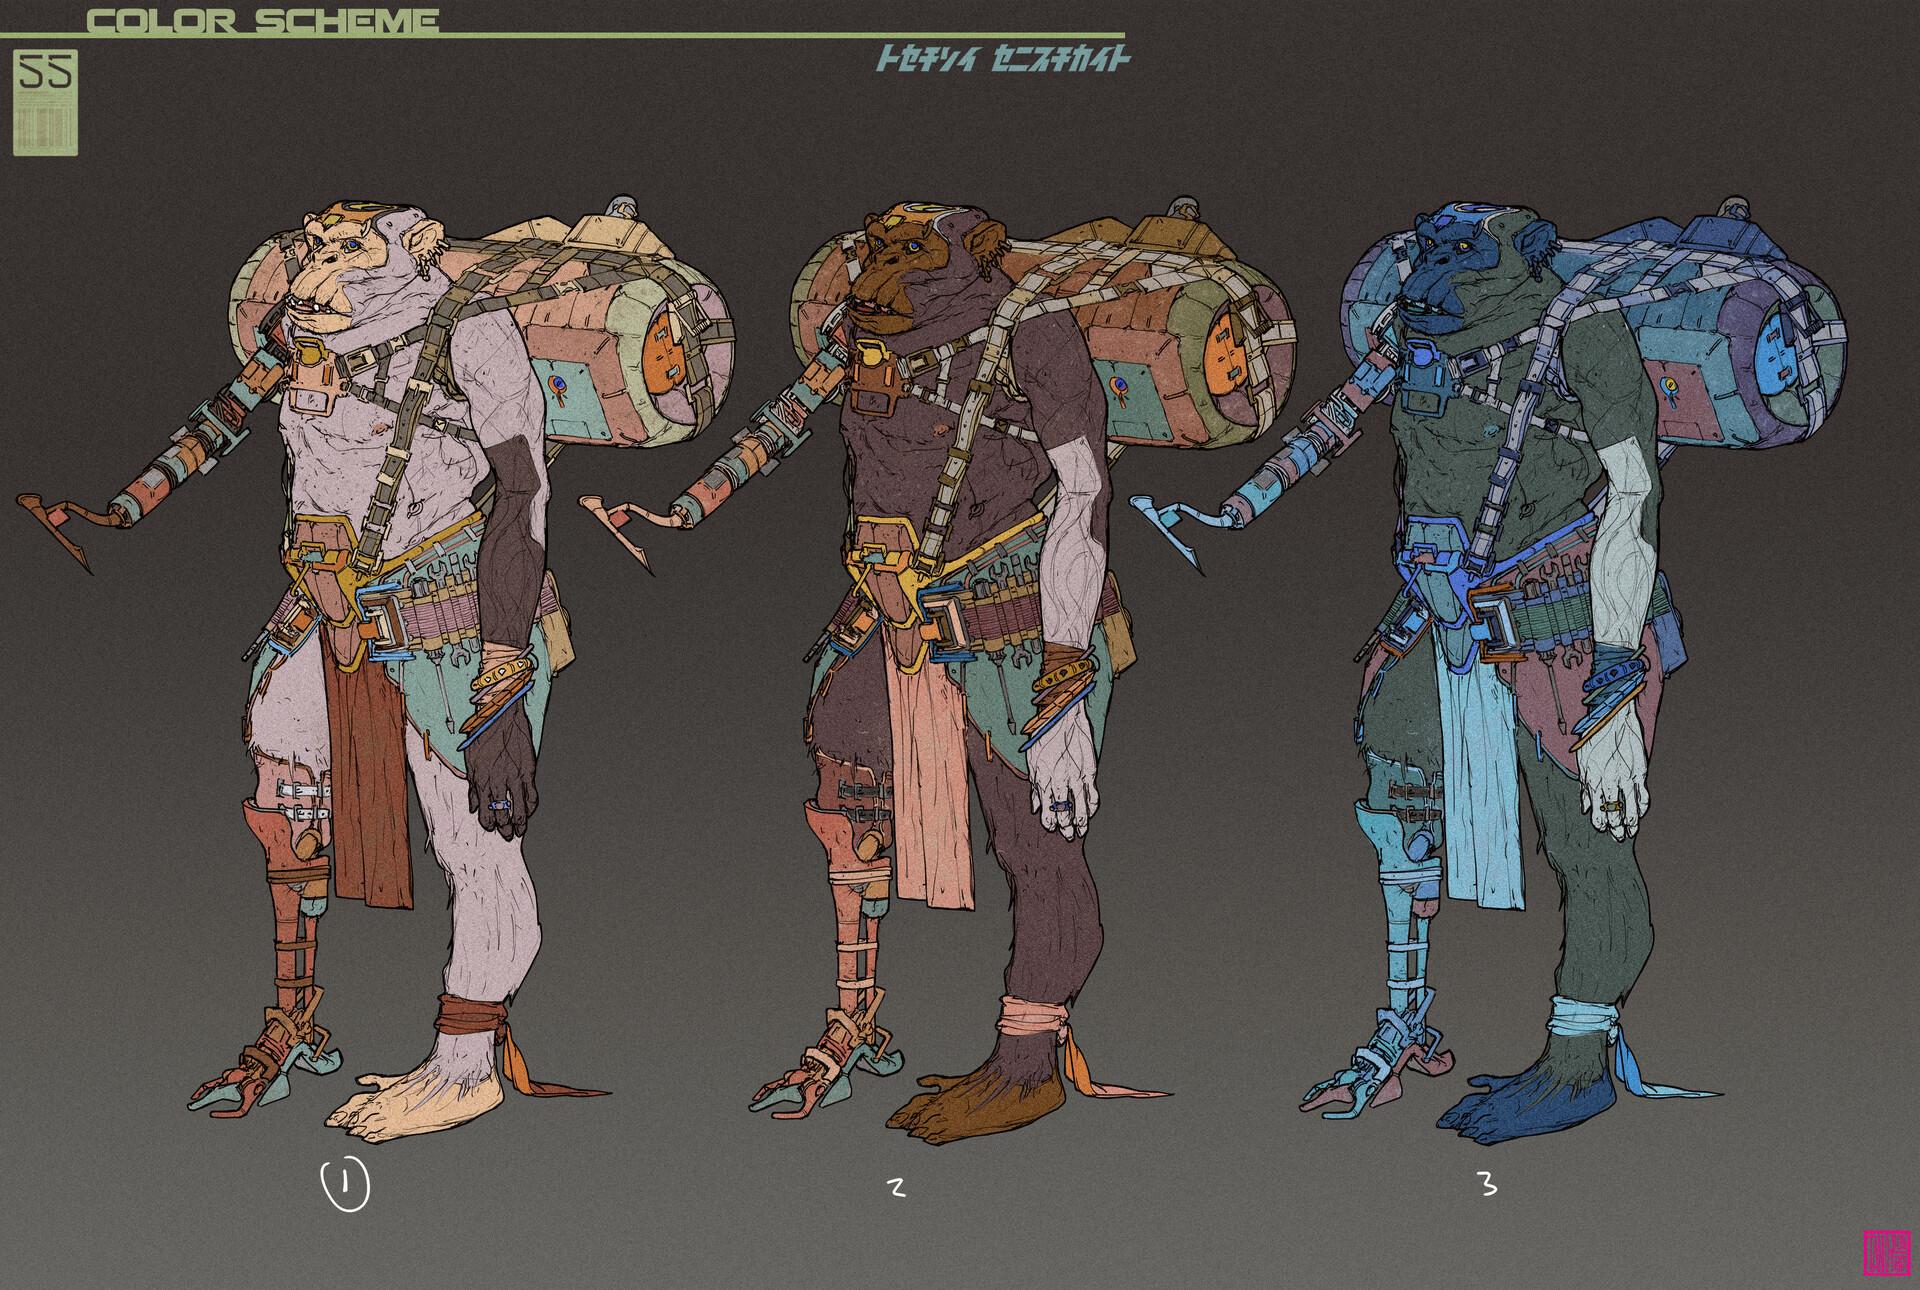 Tano bonfanti color scheme2